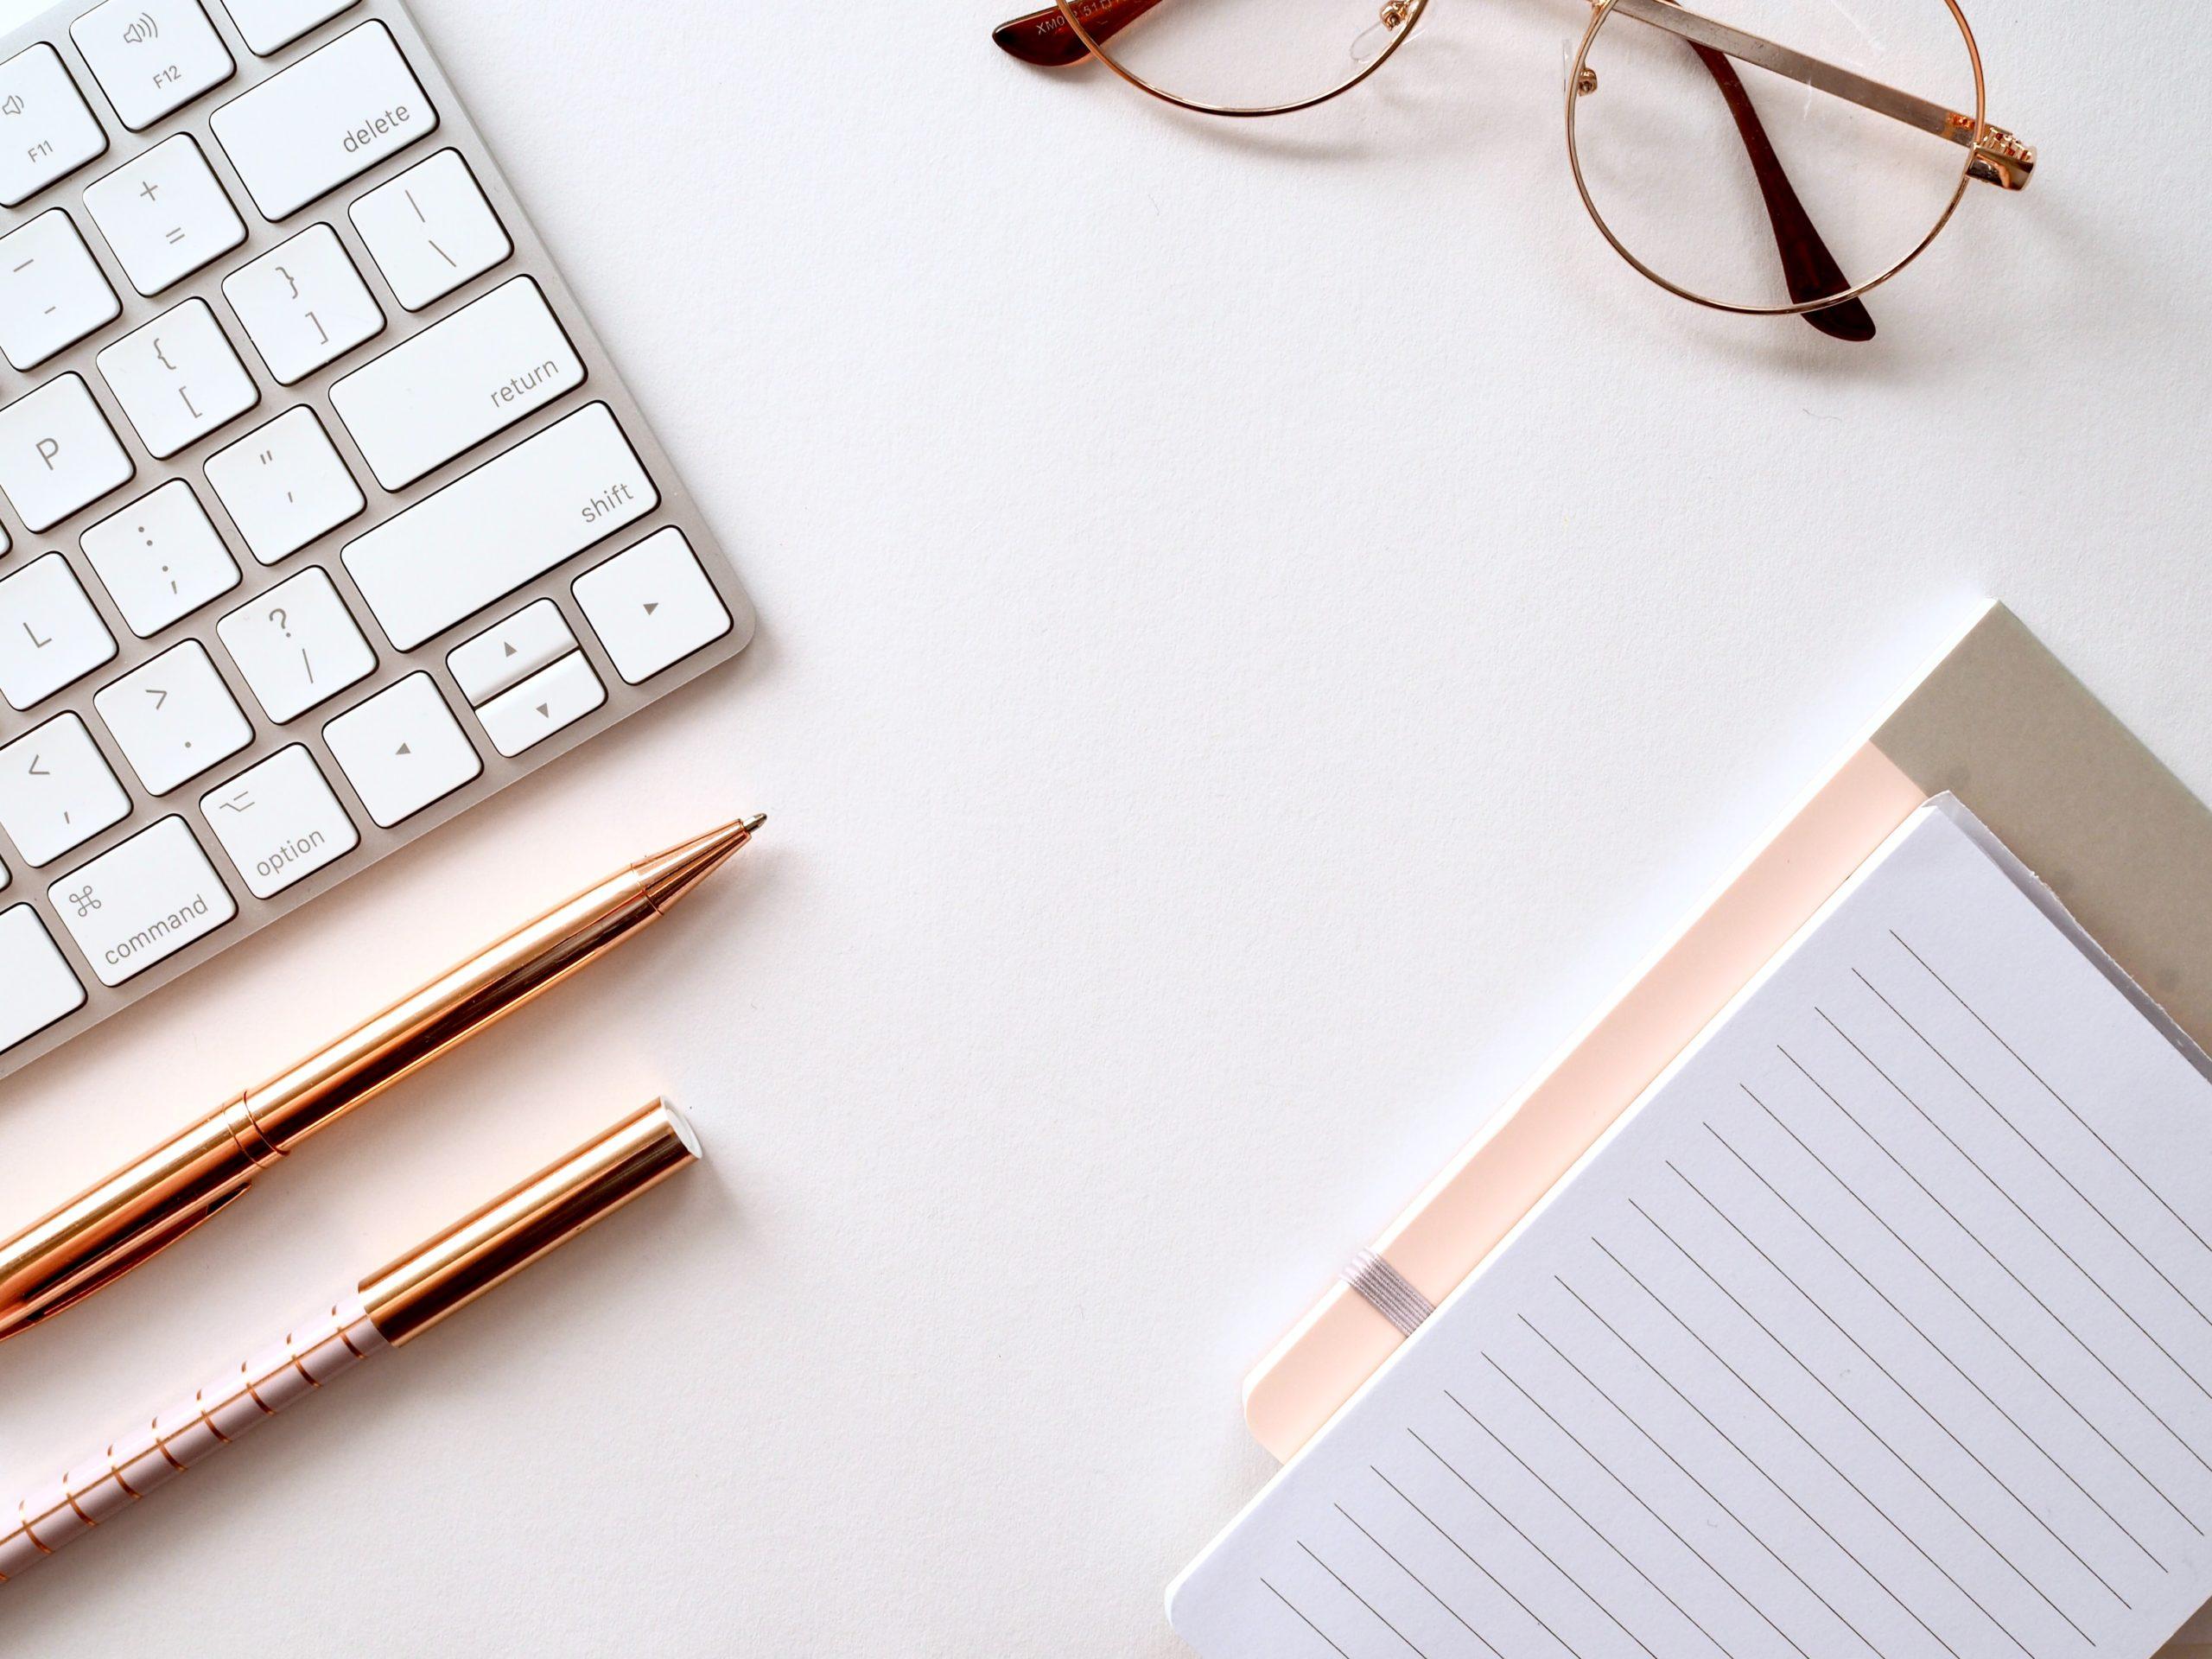 Dekorativ bild med ett tangentbord, ett par glasögon och ett kollegieblock